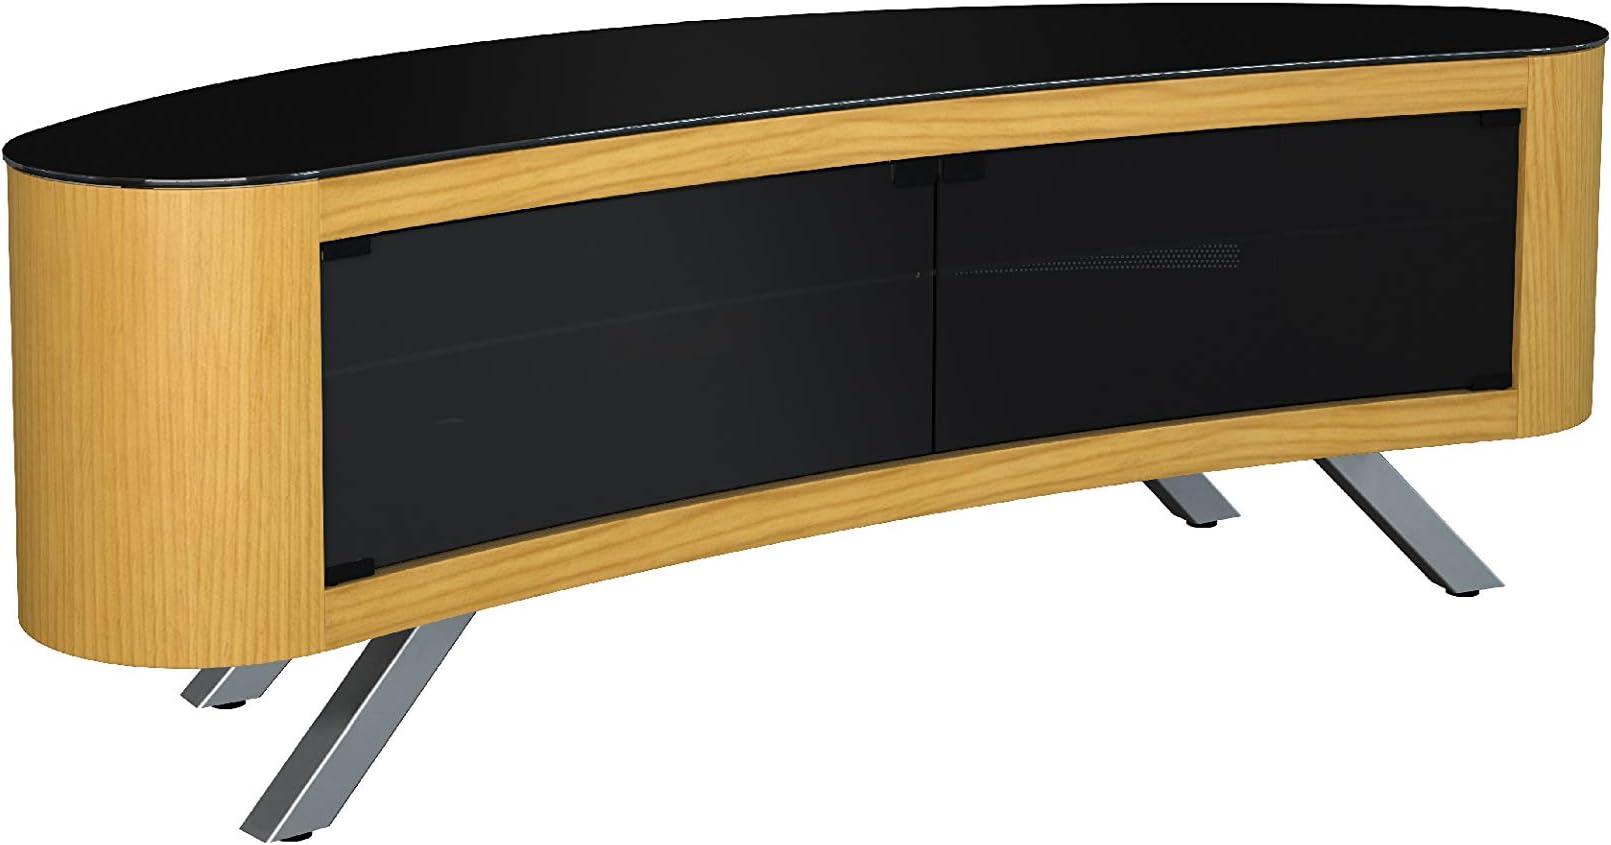 AVF Affinity Plus Bay Plus 1500 - Soporte para televisor Curvo (Cristal Roble/Negro): Amazon.es: Juguetes y juegos